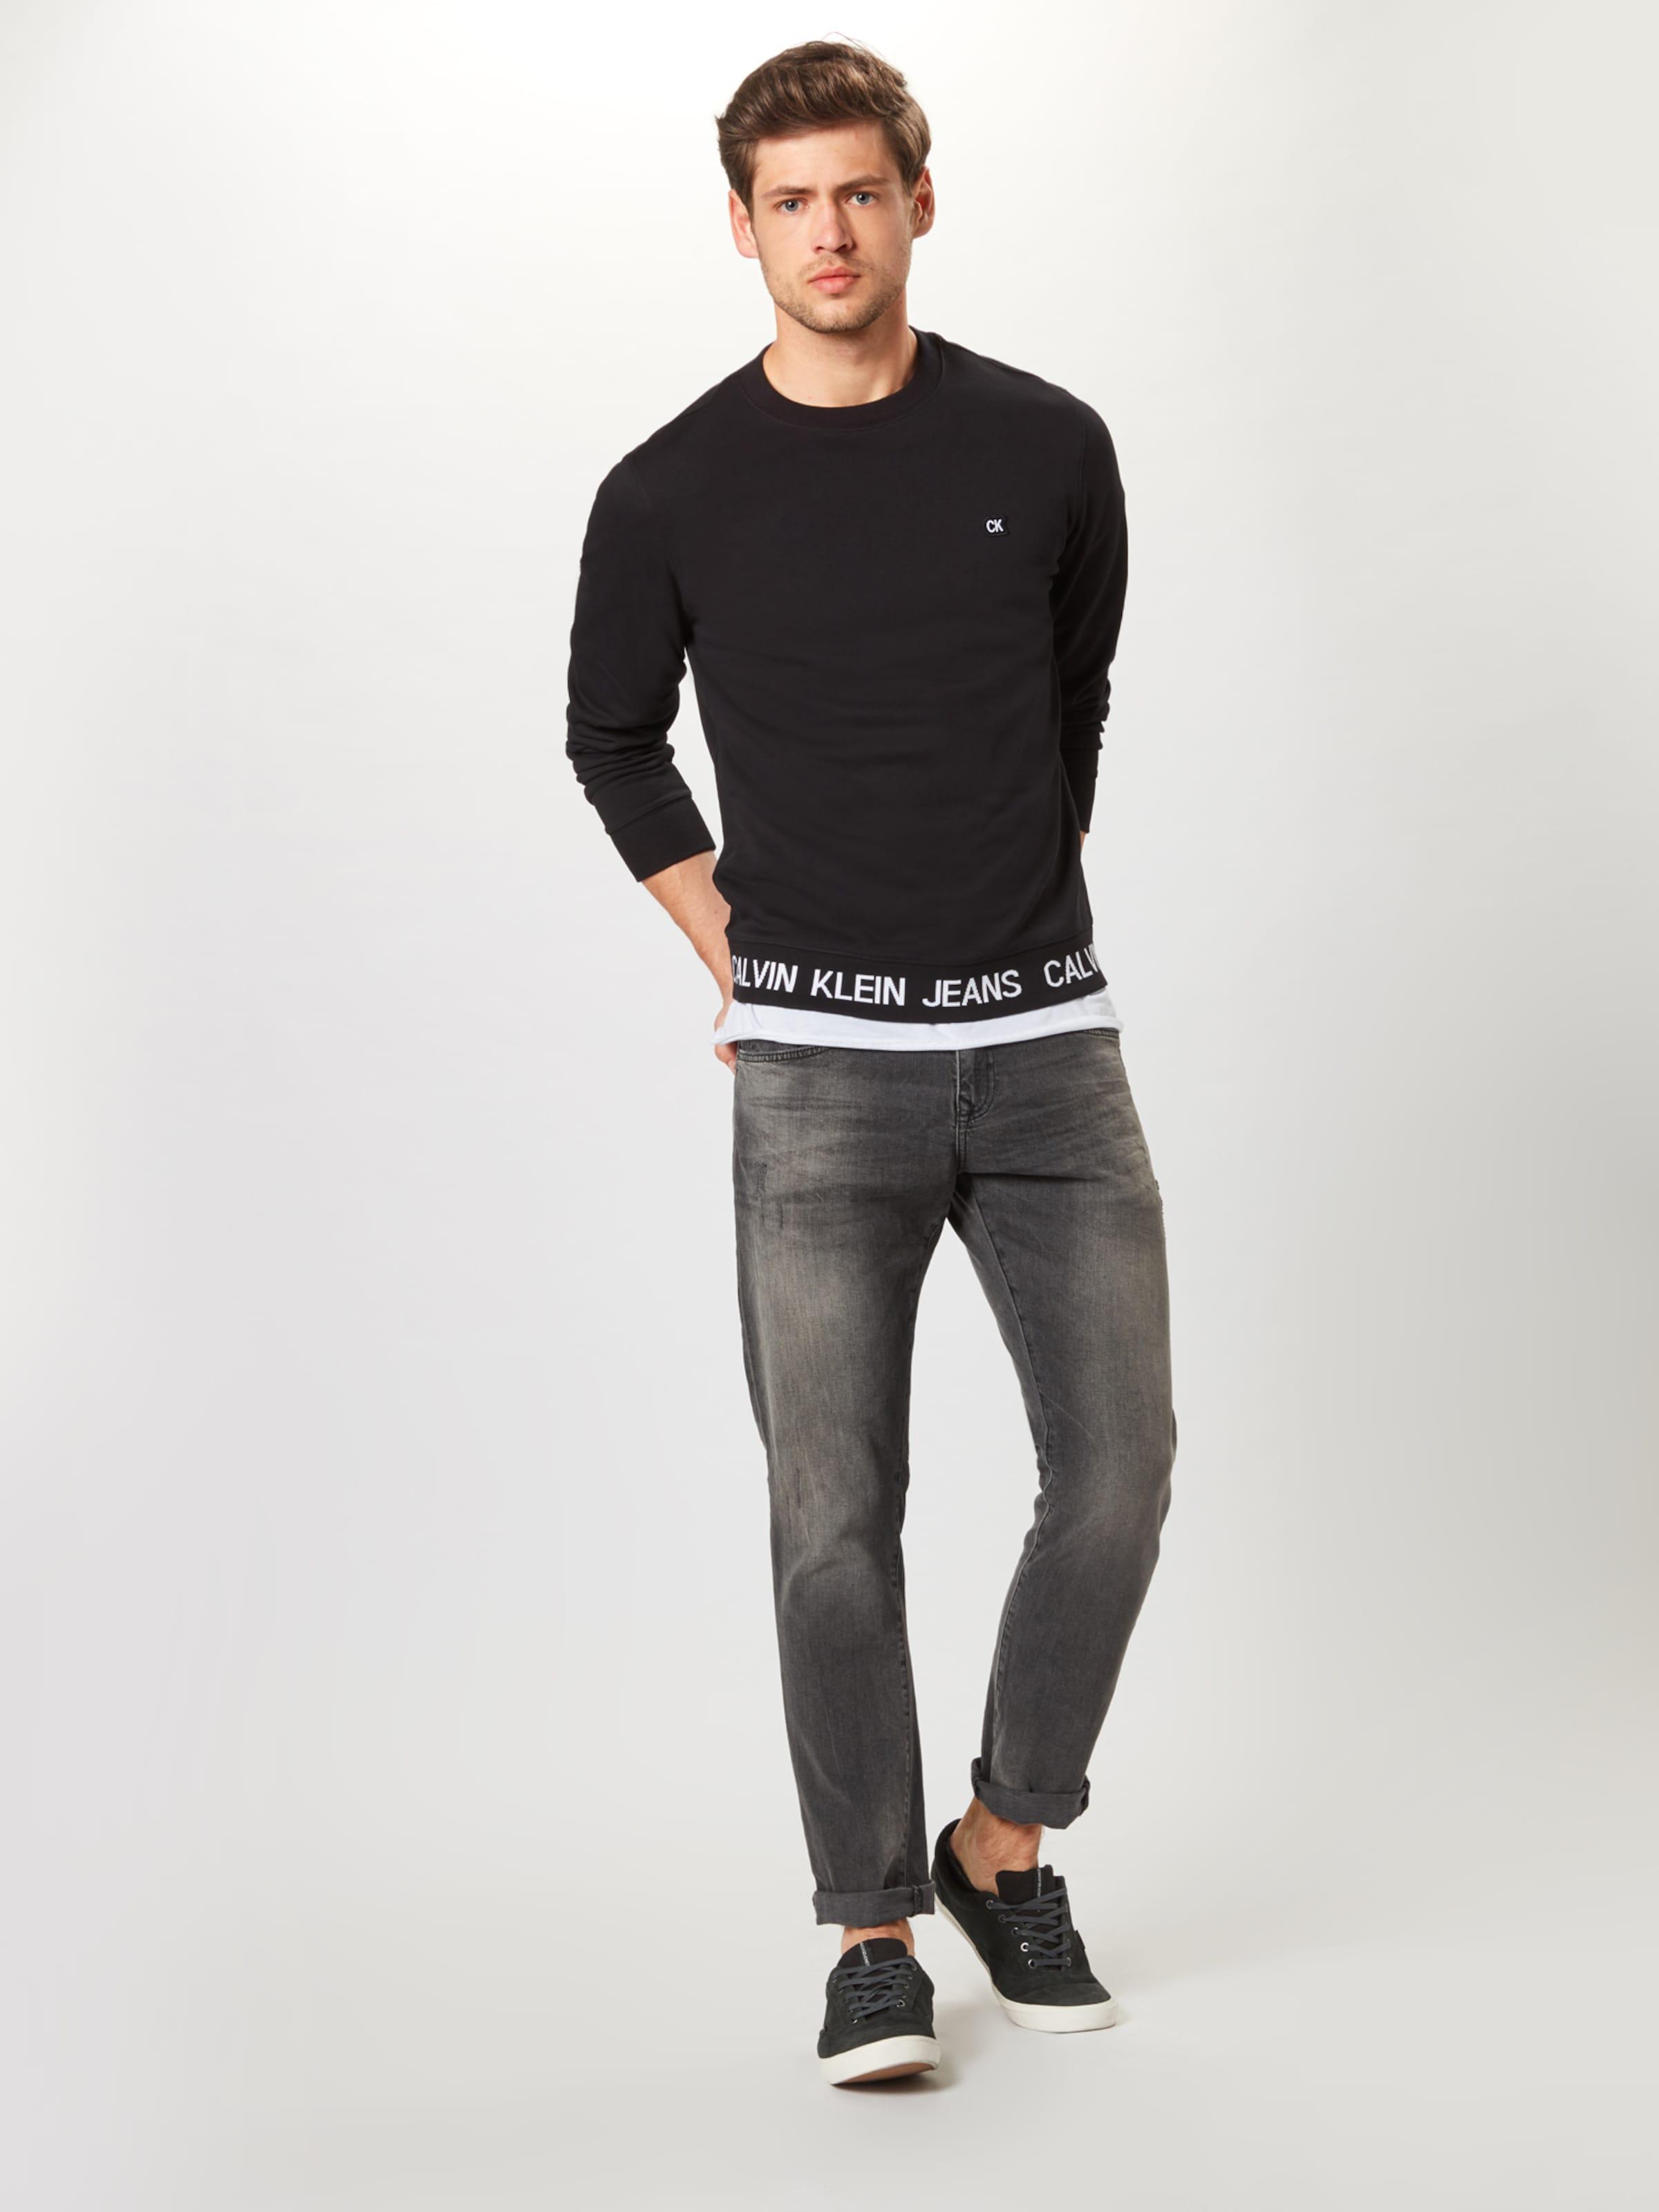 Sweatshirts Jeans SchwarzWeiß 'instit Cn' Logo Calvin Klein Waistband In n80mwOvN